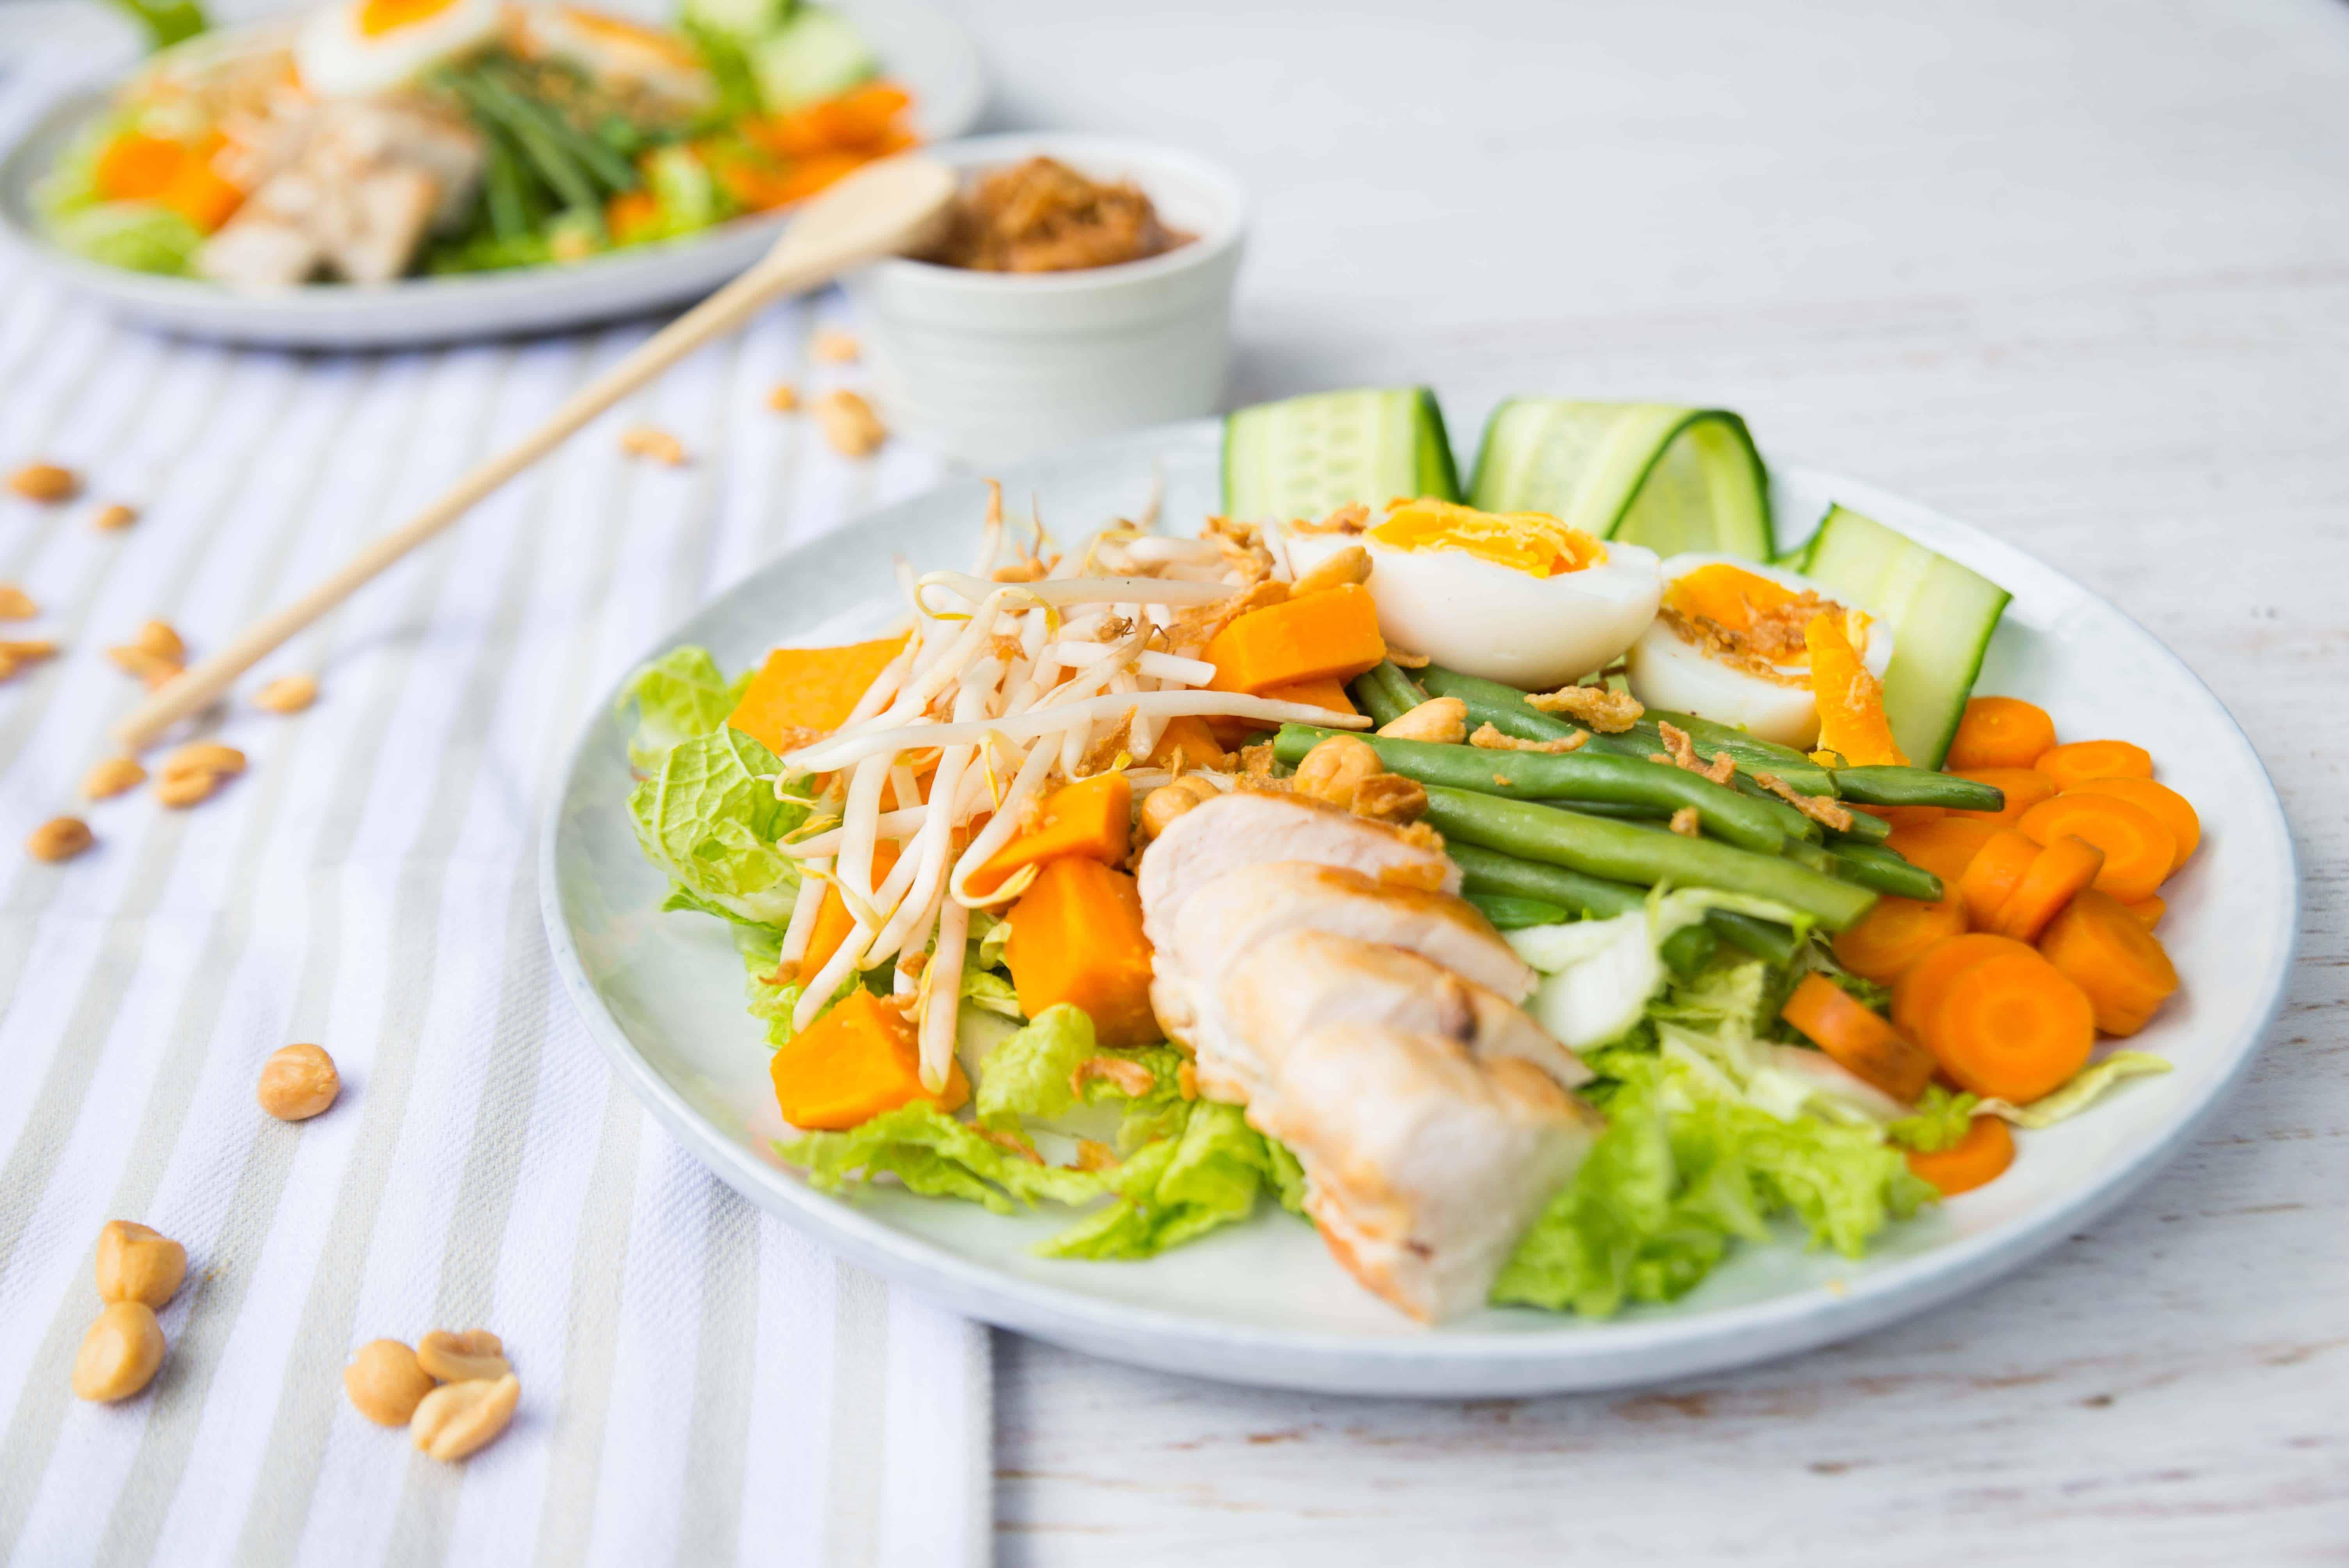 gado gado, recept uit het kookboek Dafne Schippers, kip- en kalkoenrecepten